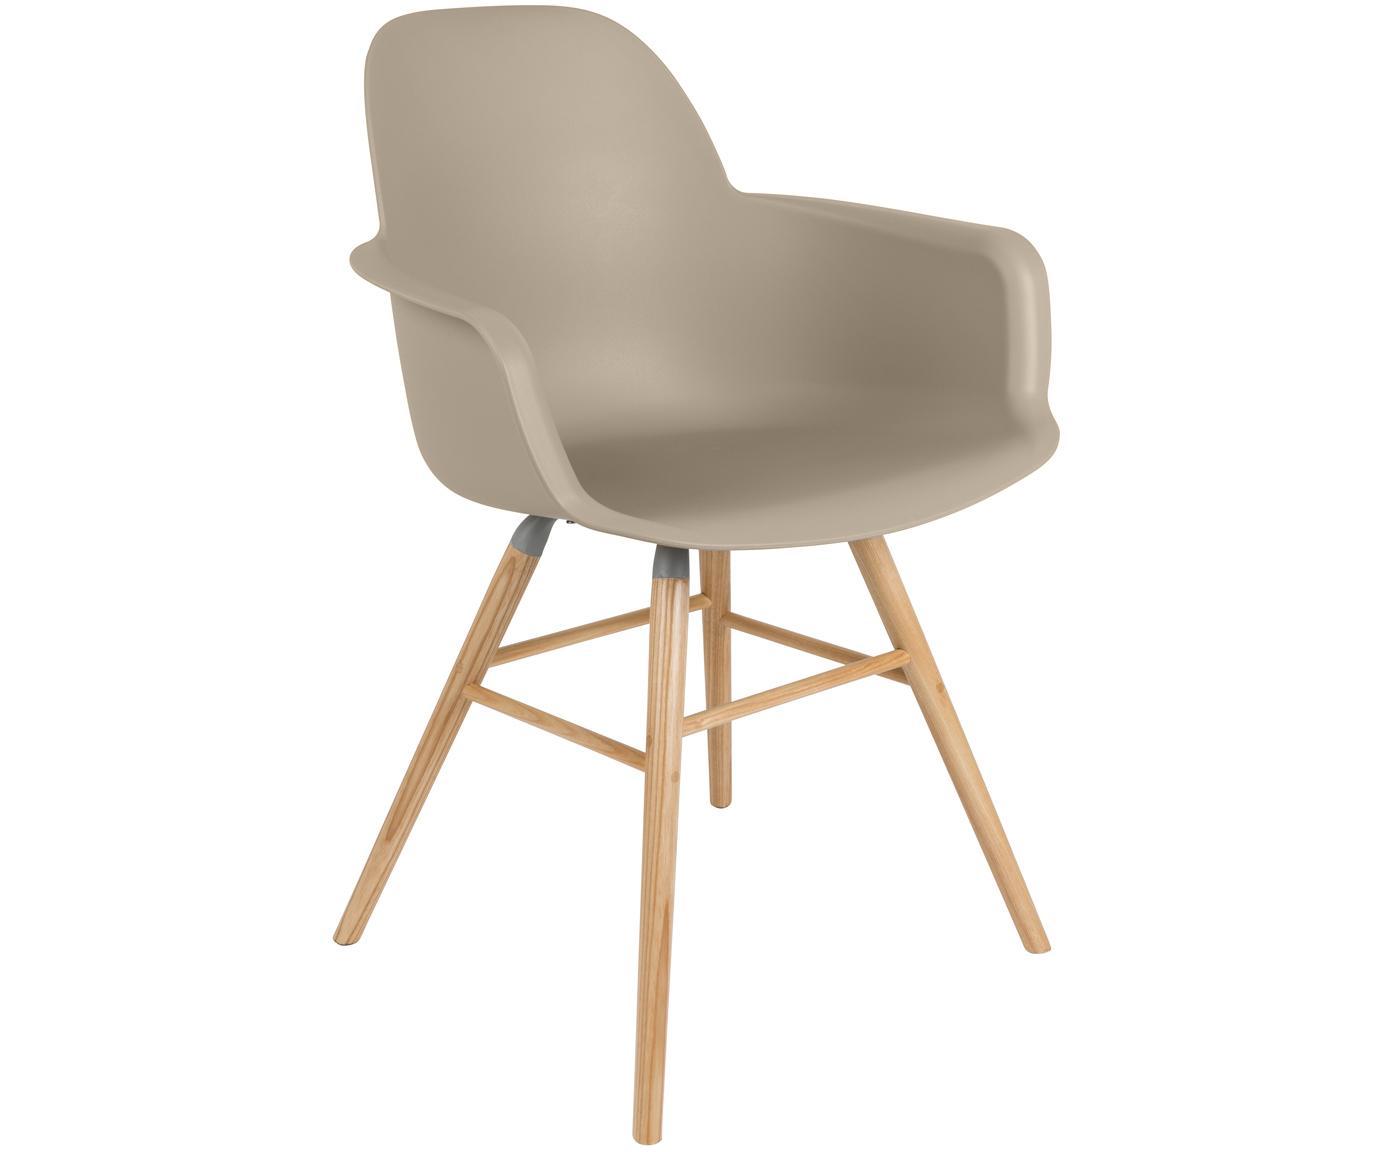 Krzesło z podłokietnikami Albert Kuip, Nogi: drewno jesionowe, Siedzisko: taupe Nogi: drewno dębowe, S 59 x W 82 cm